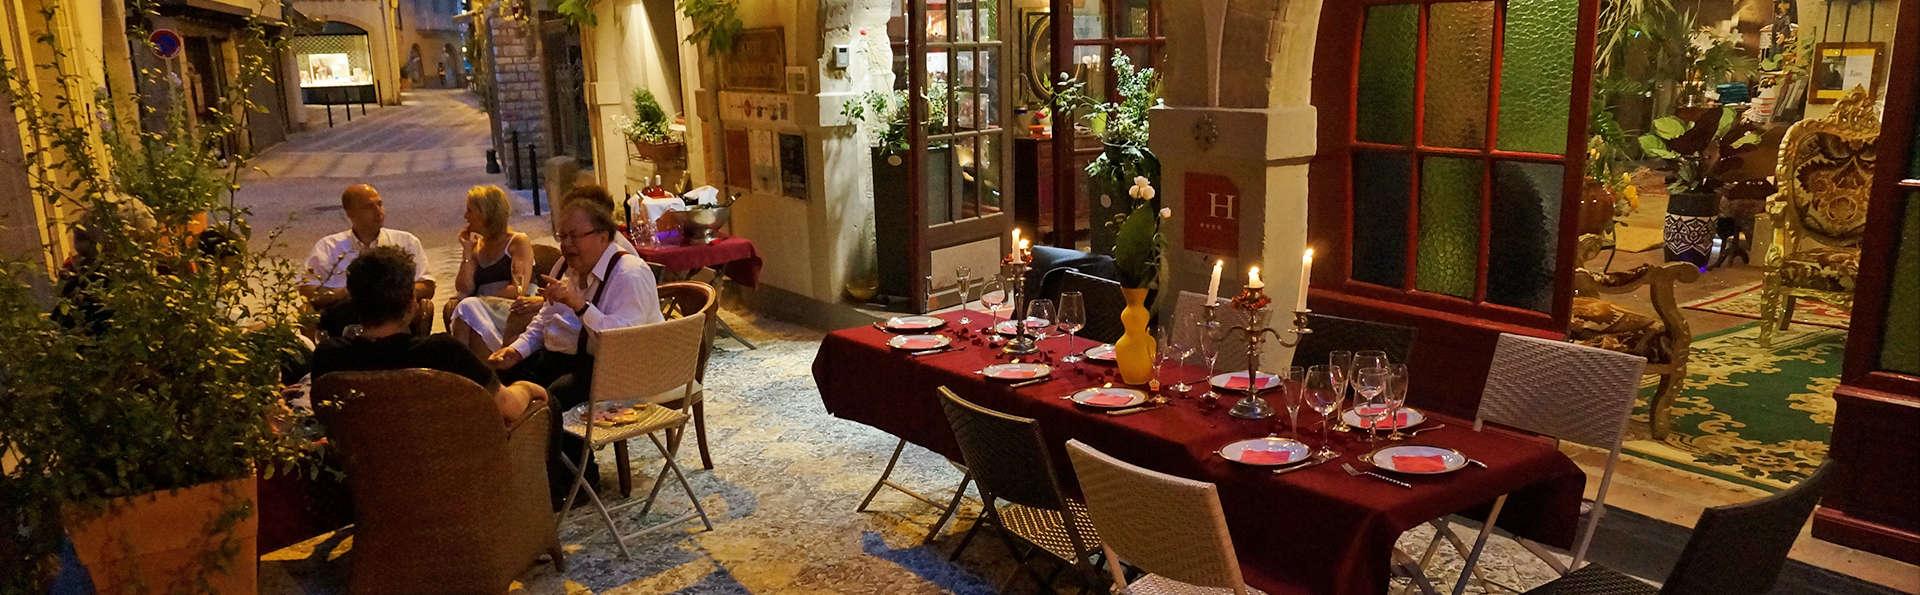 Week-end de charme à Castres